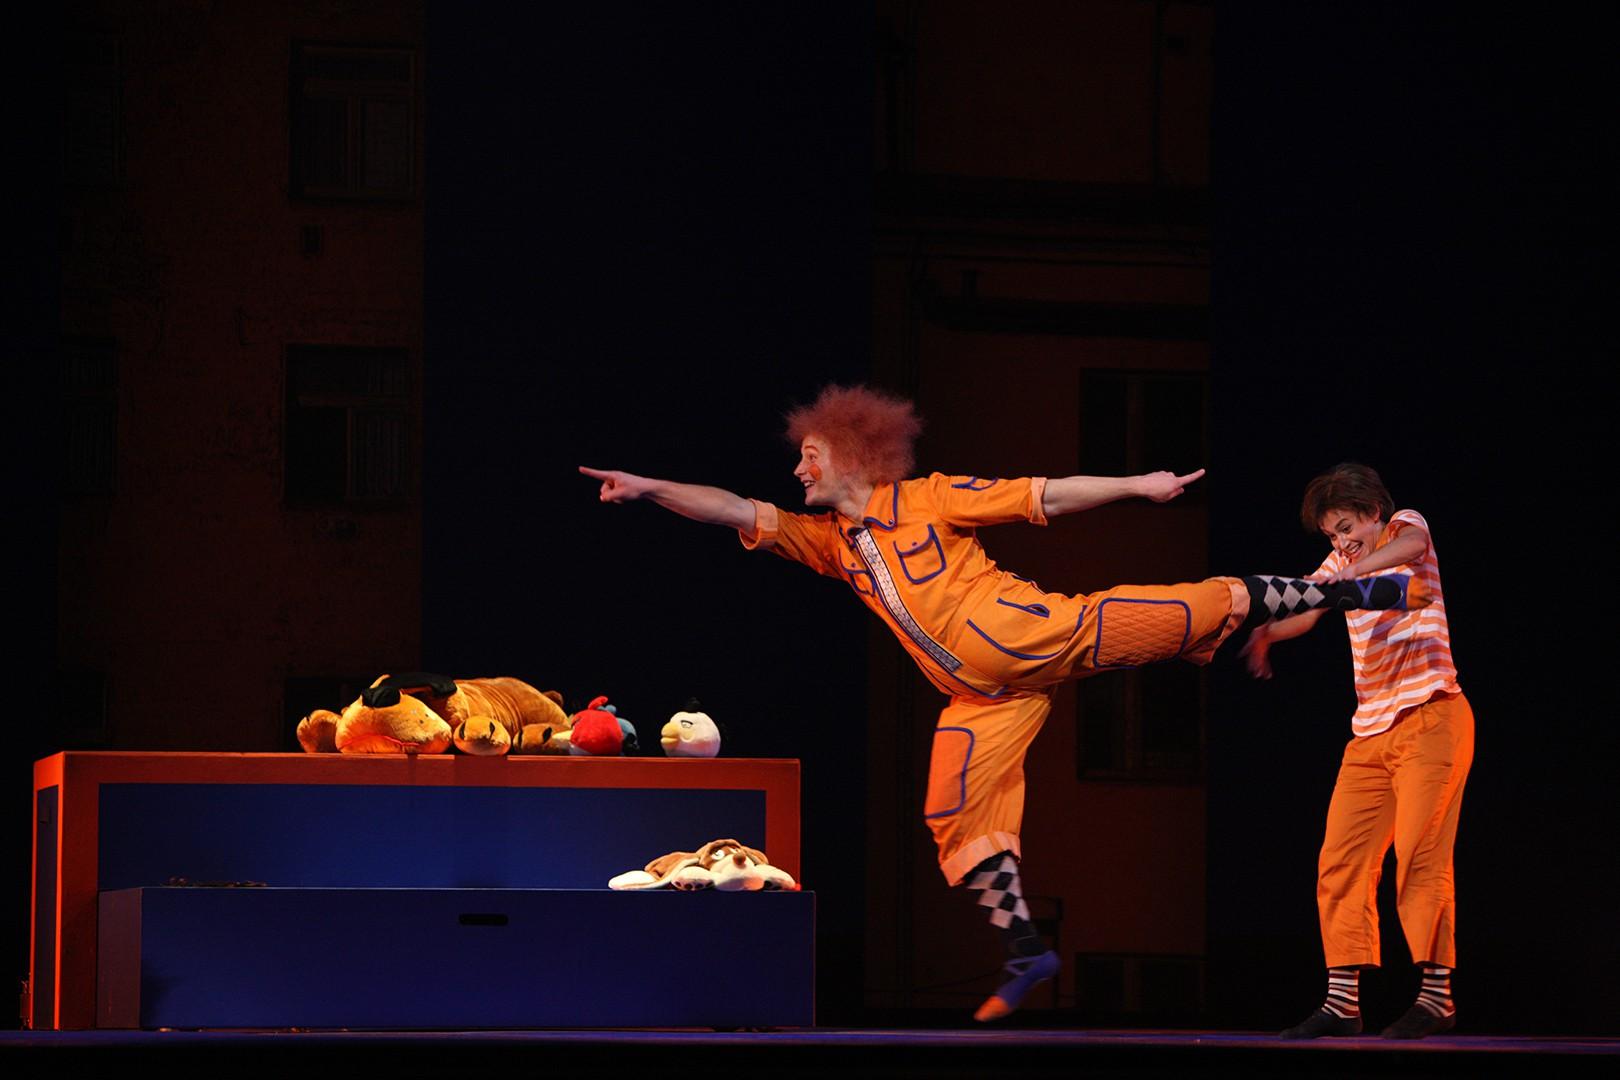 Heategevusfond viib 500 last balletti vaatama